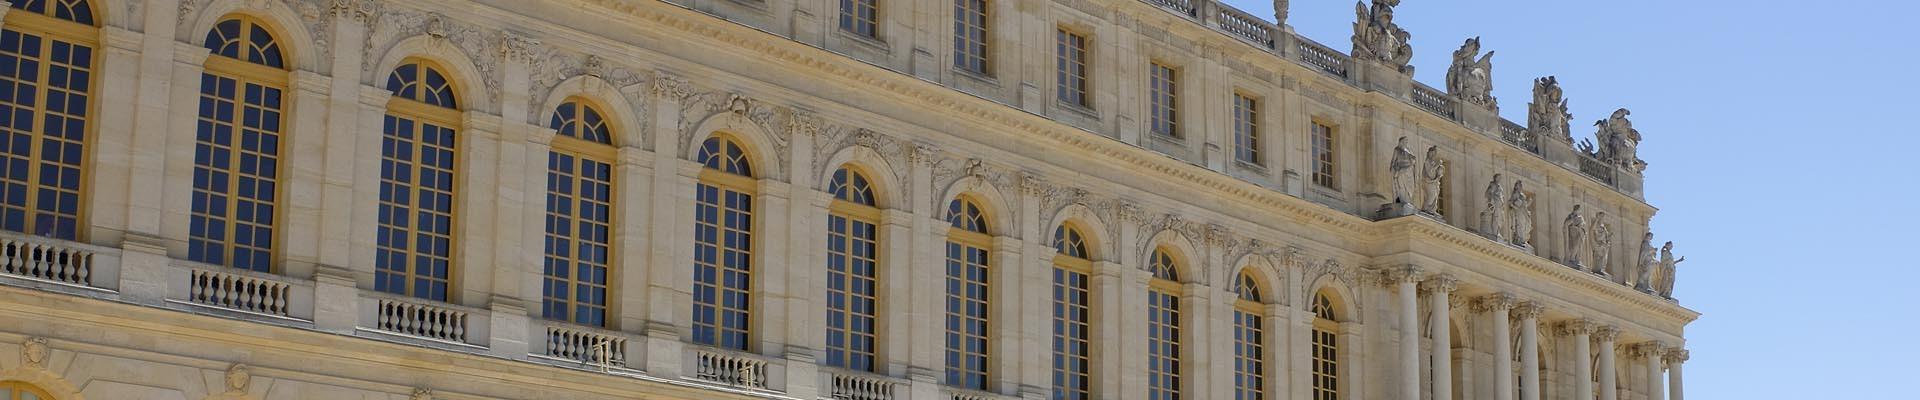 Visiter Versailles en quelques jours